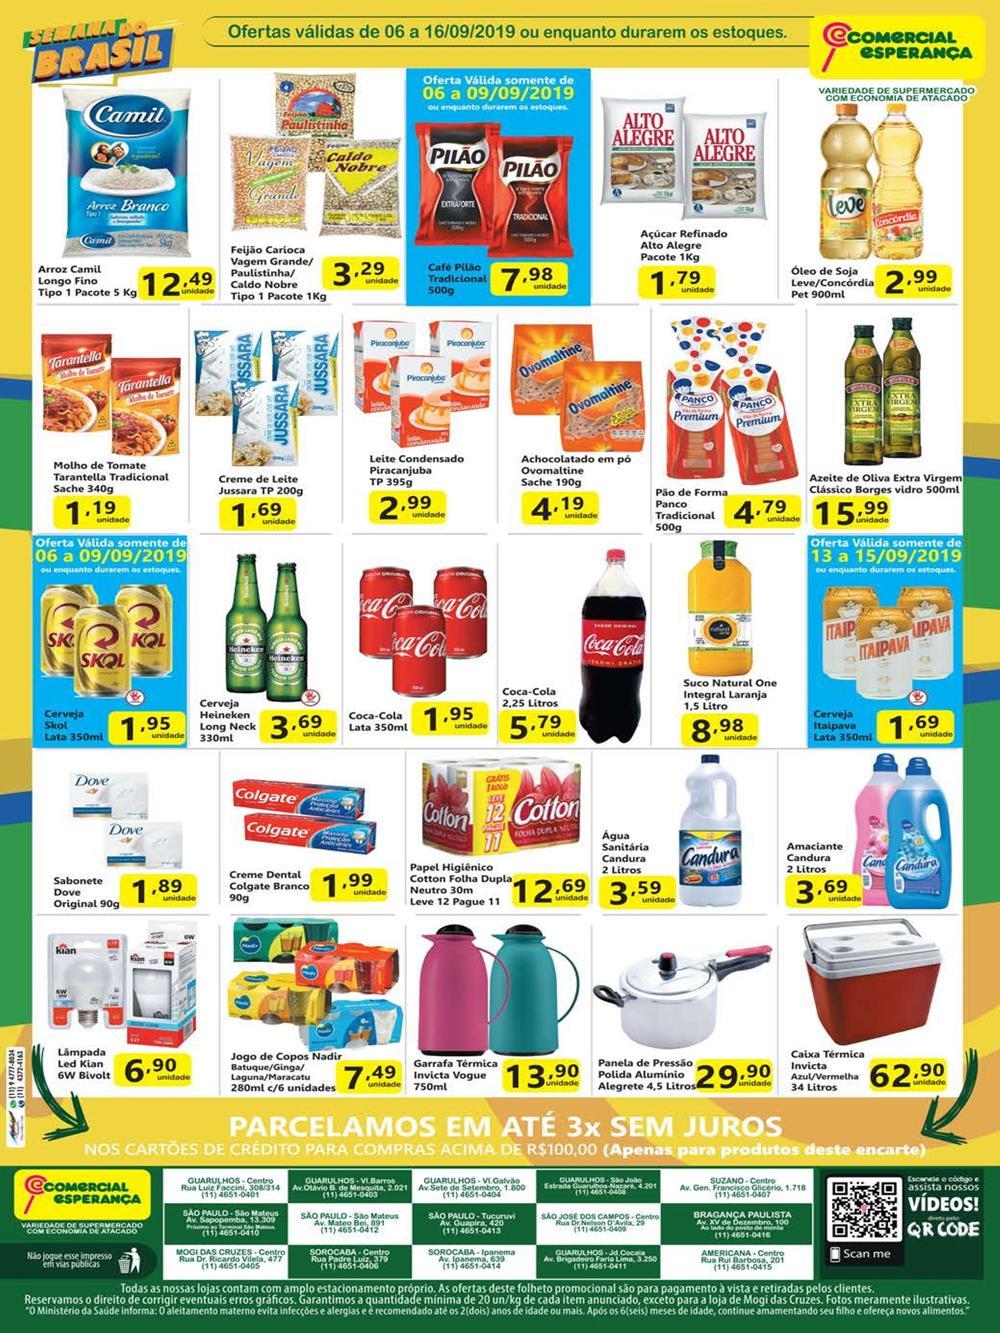 Ofertas-esperanca2 Esperanca até 16/09